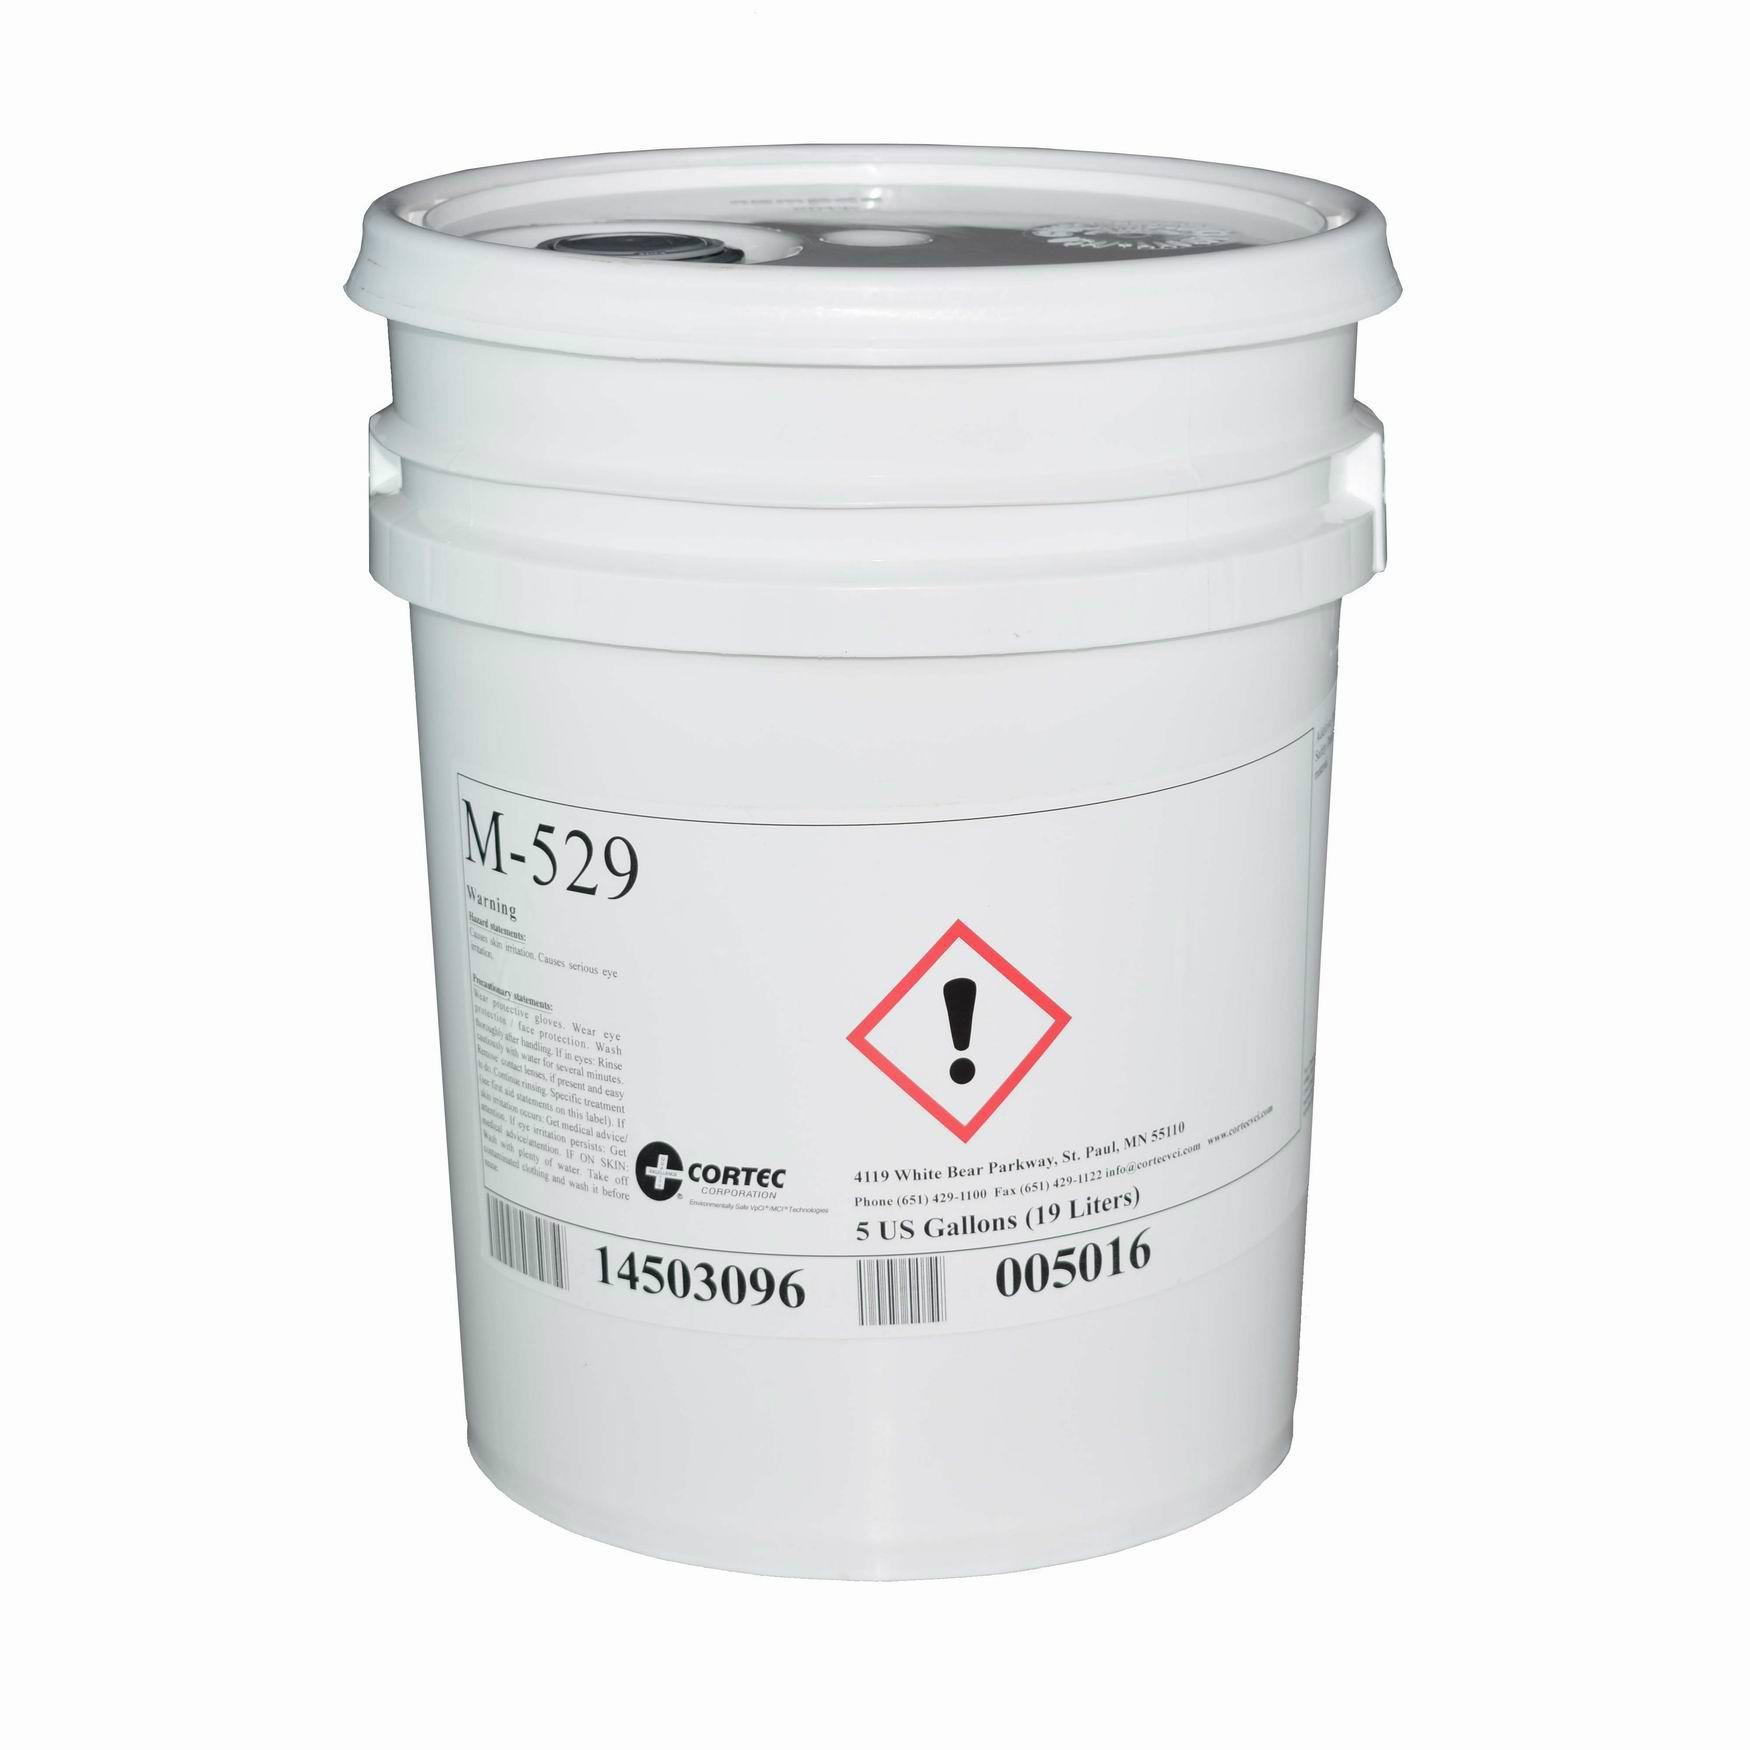 供應CORTEC M-529防鏽油 原裝現貨 1